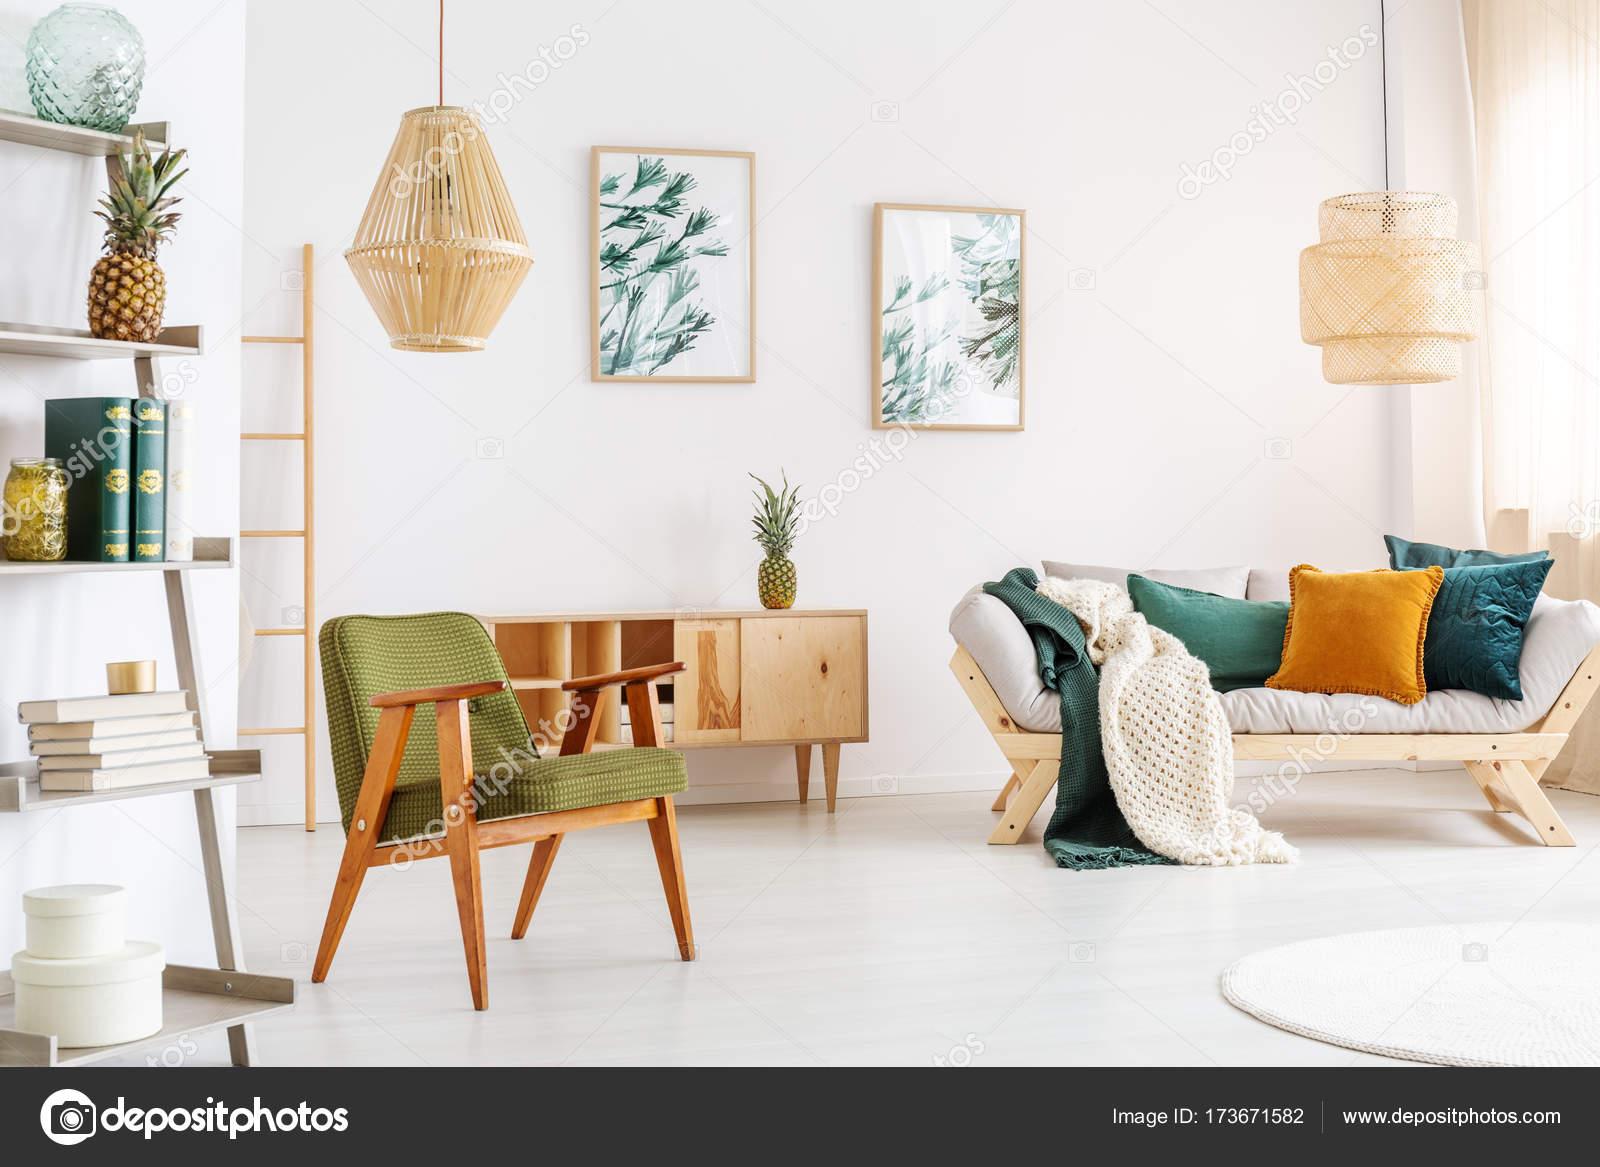 Poltrona in soggiorno spazioso — Foto Stock © photographee.eu #173671582